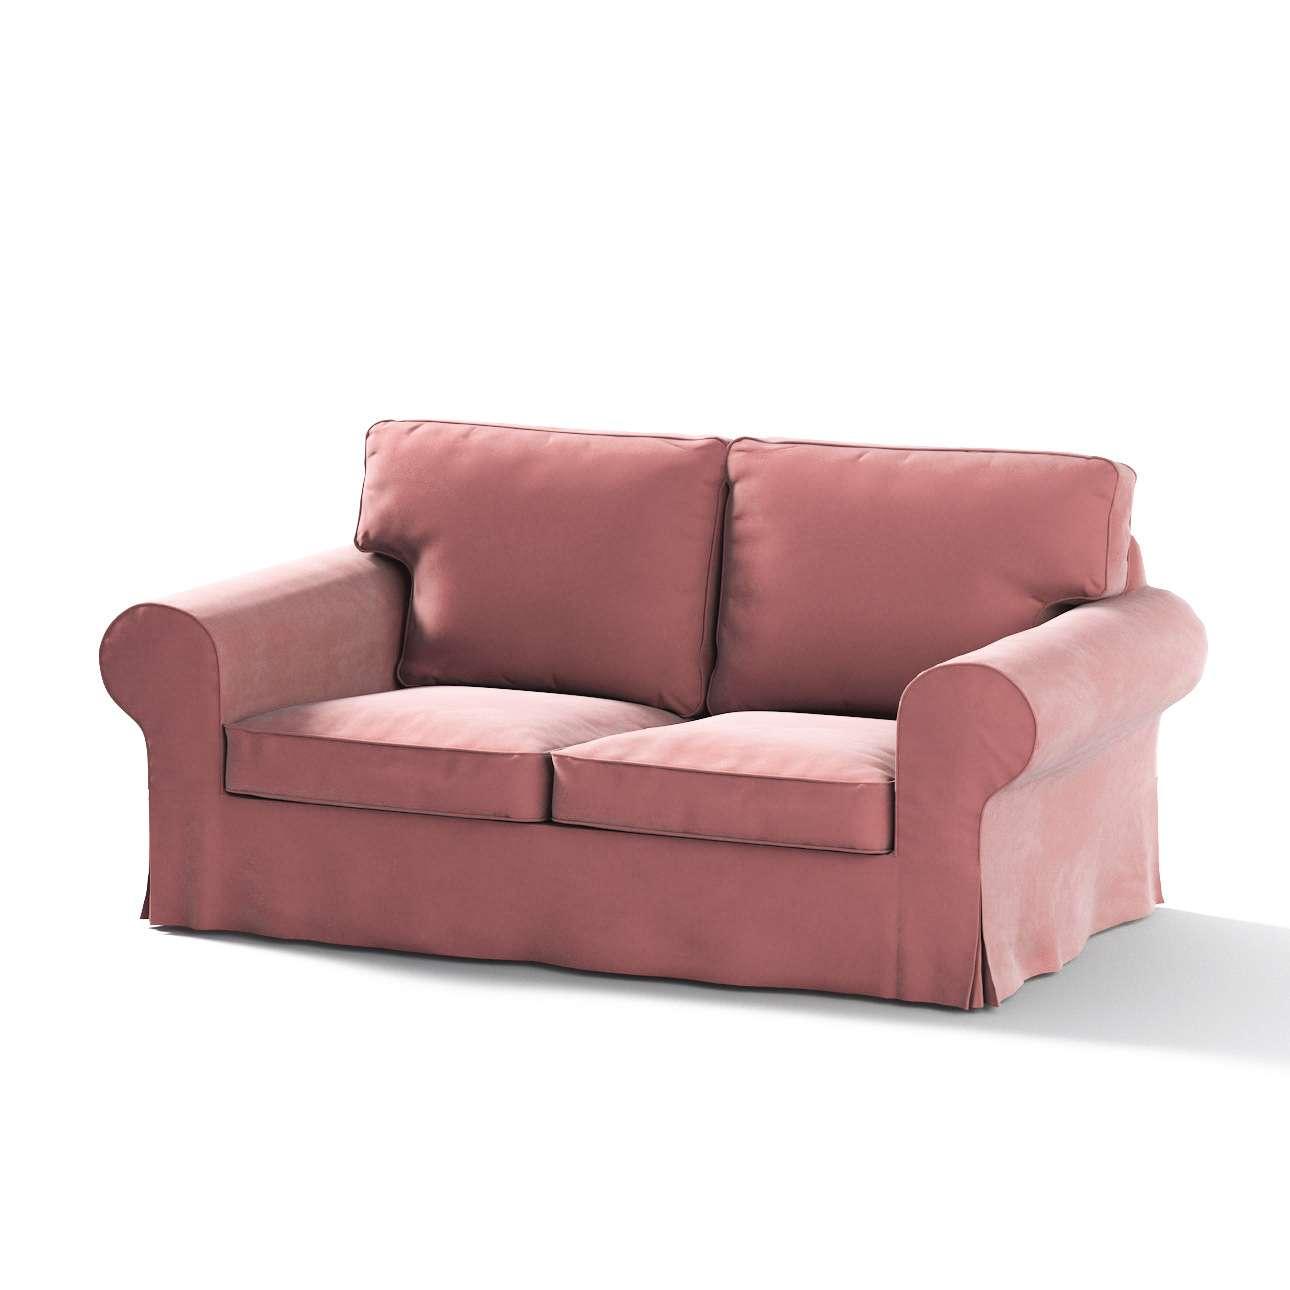 Poťah na sedačku Ektorp (rozkladacia, pre 2 osoby) STARÝ MODEL V kolekcii Velvet, tkanina: 704-30